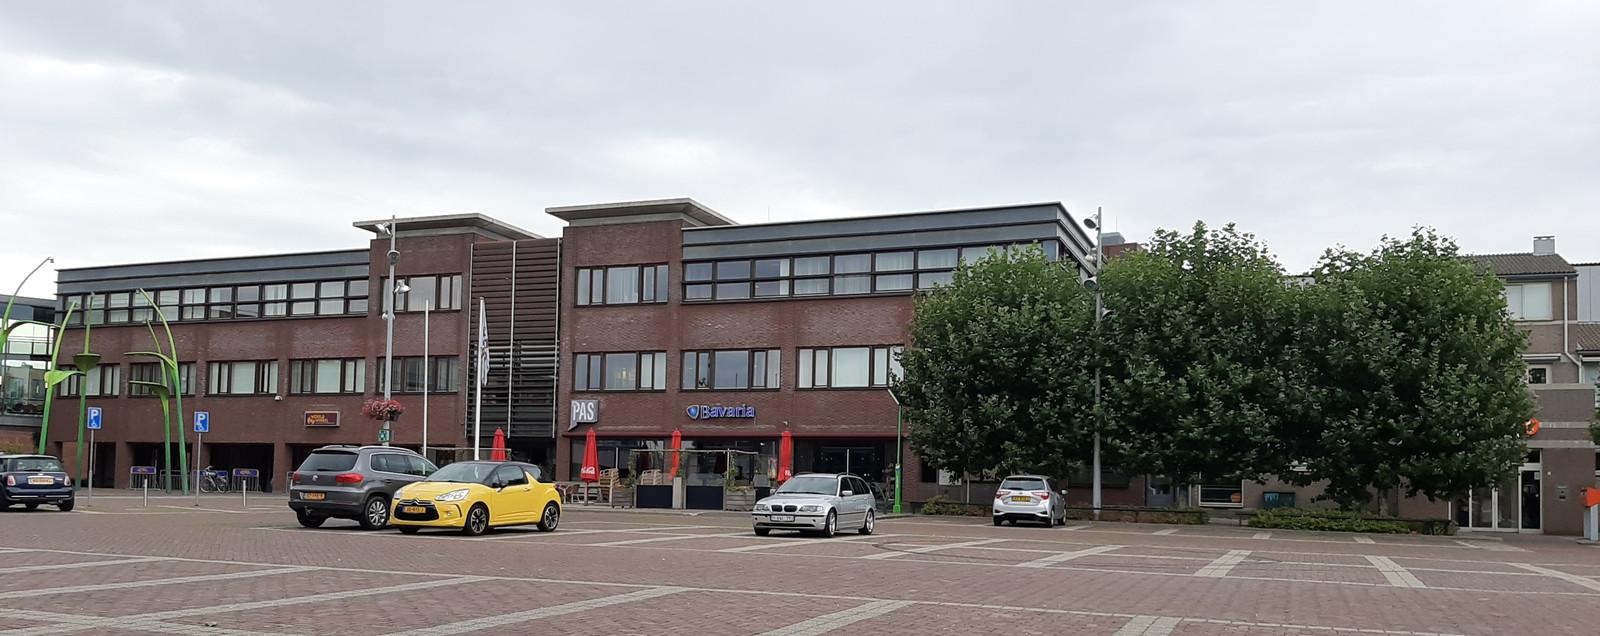 Cultureel centrum De Pas in Heesch.